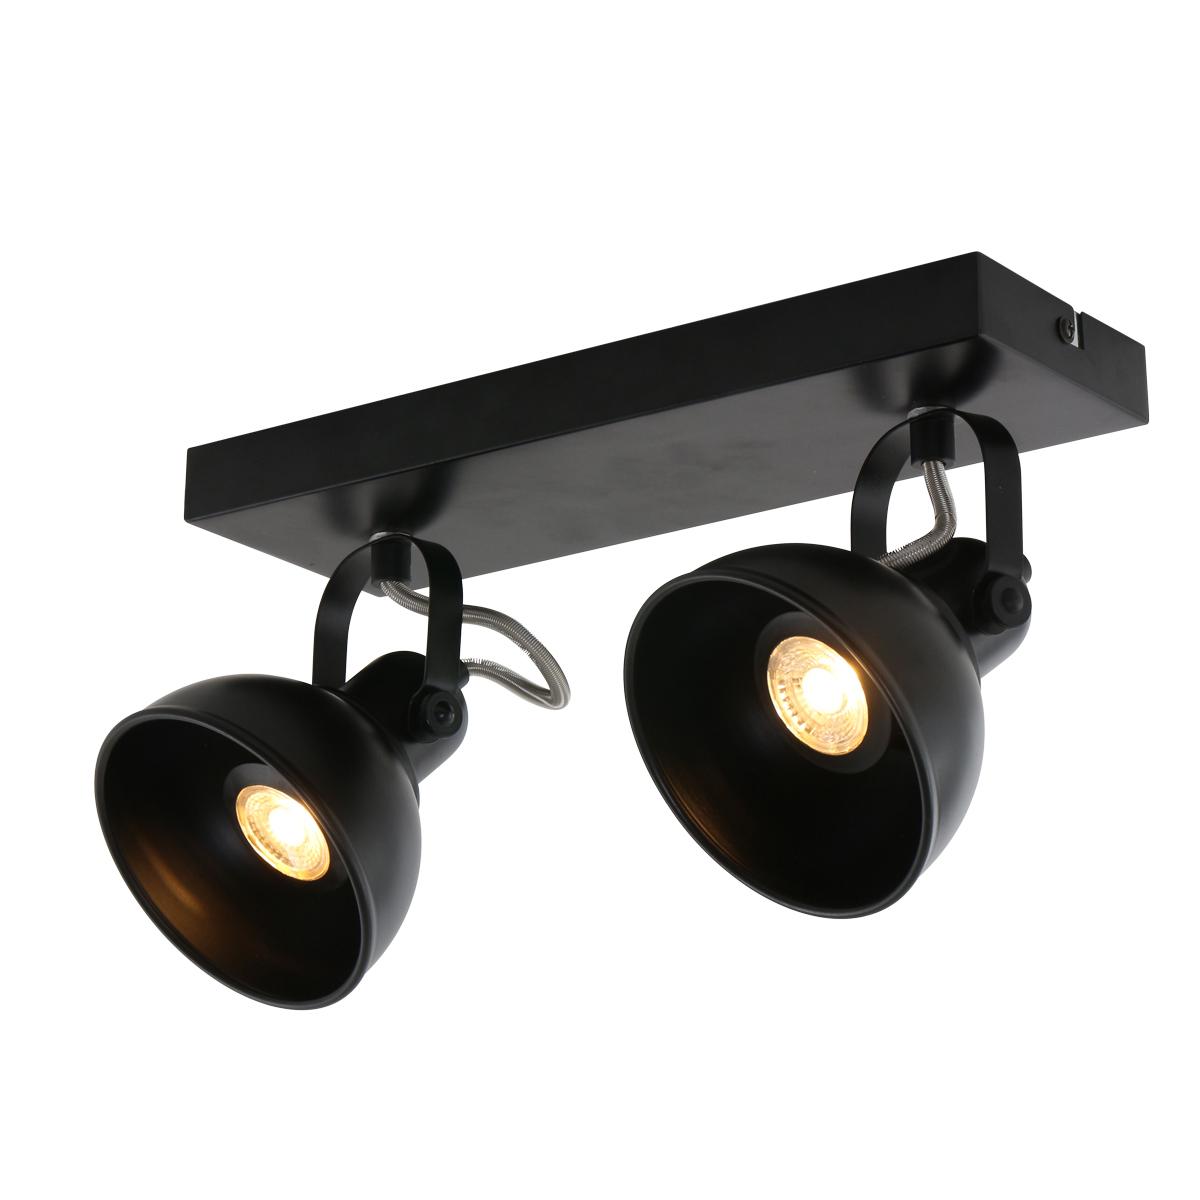 Deckenleuchte Schwarz Lieke   Fabriklampe online